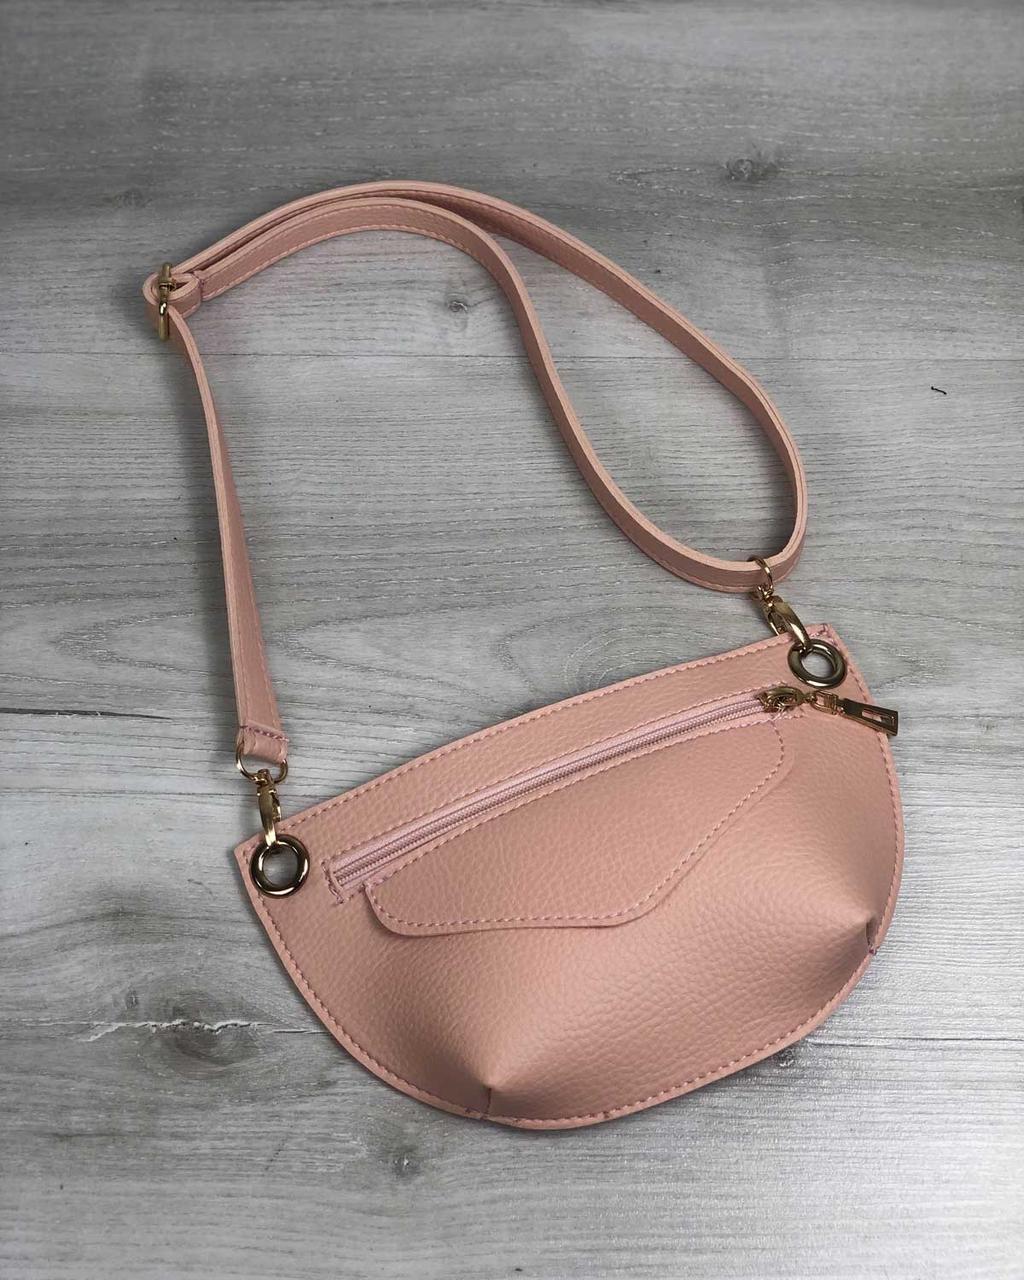 873a5da28bf4 Женская сумка сумка на пояс- клатч Нана пудрового цвета: продажа ...